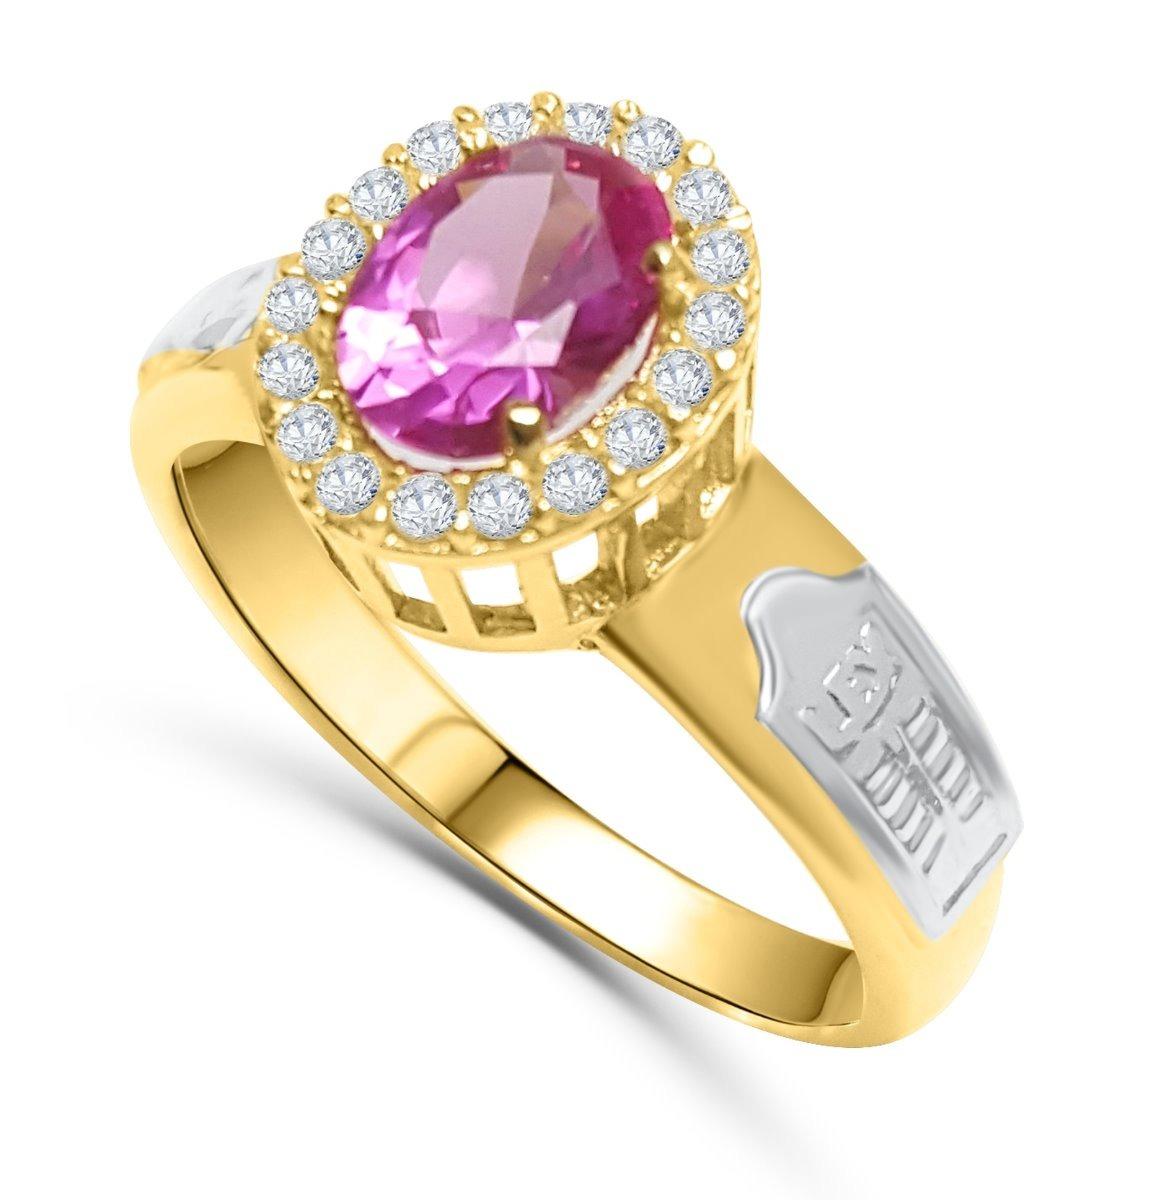 748e47caaf984 anel de formatura feminino pedras zircônias ouro puro 18k. Carregando zoom.